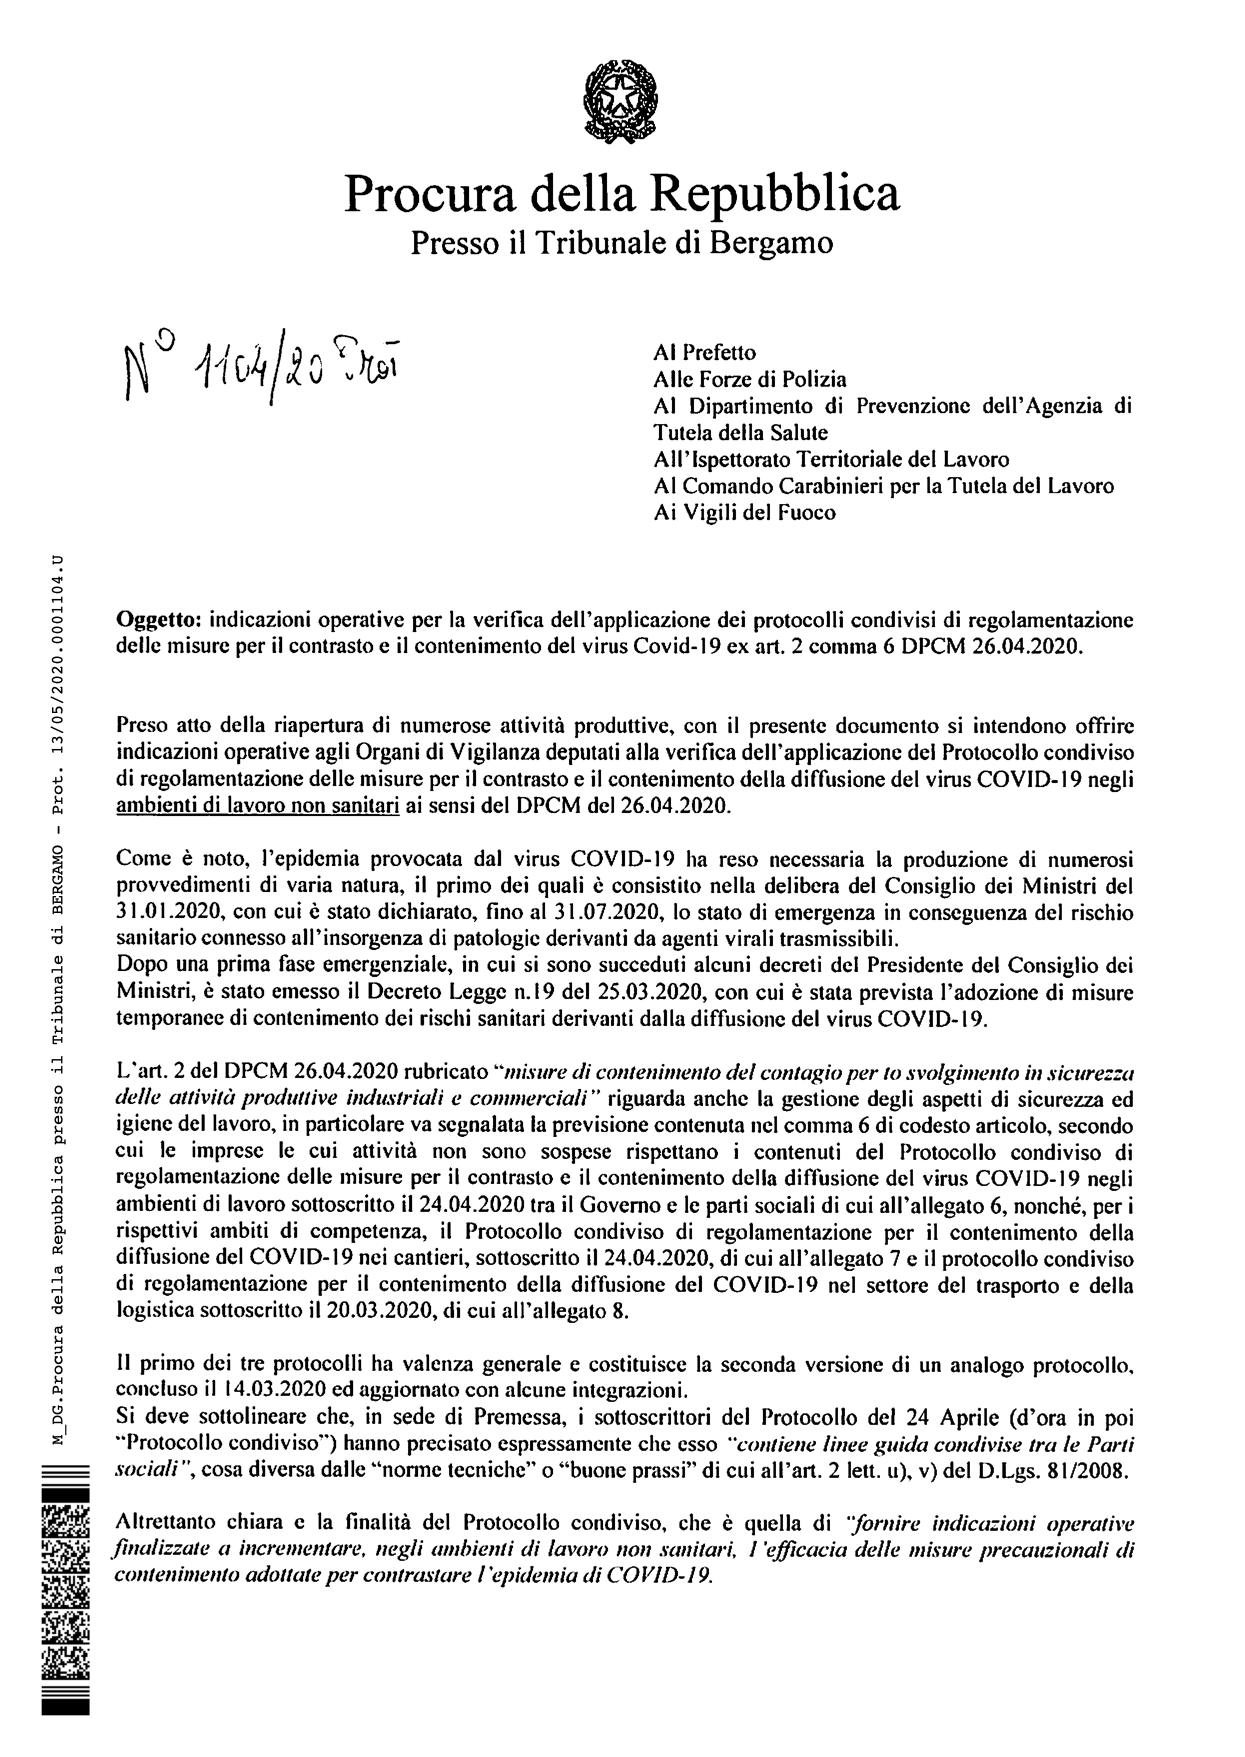 PROTOCOLLI COVID-19: ISTRUZIONI OPERATIVE DELLA PROCURA DI BERGAMO